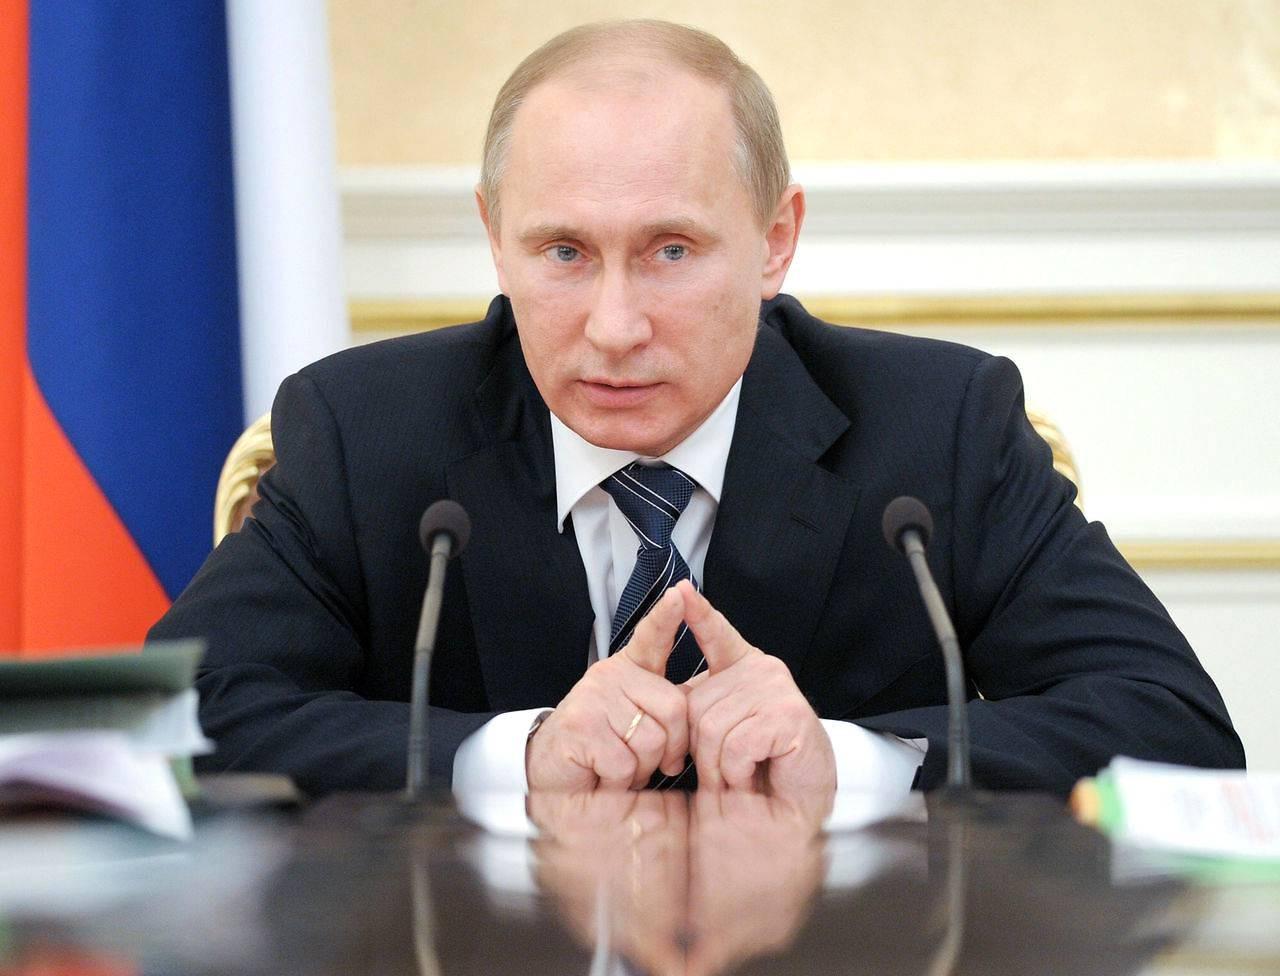 Путин поручил ФСБ принять дополнительные меры для охраны посольств